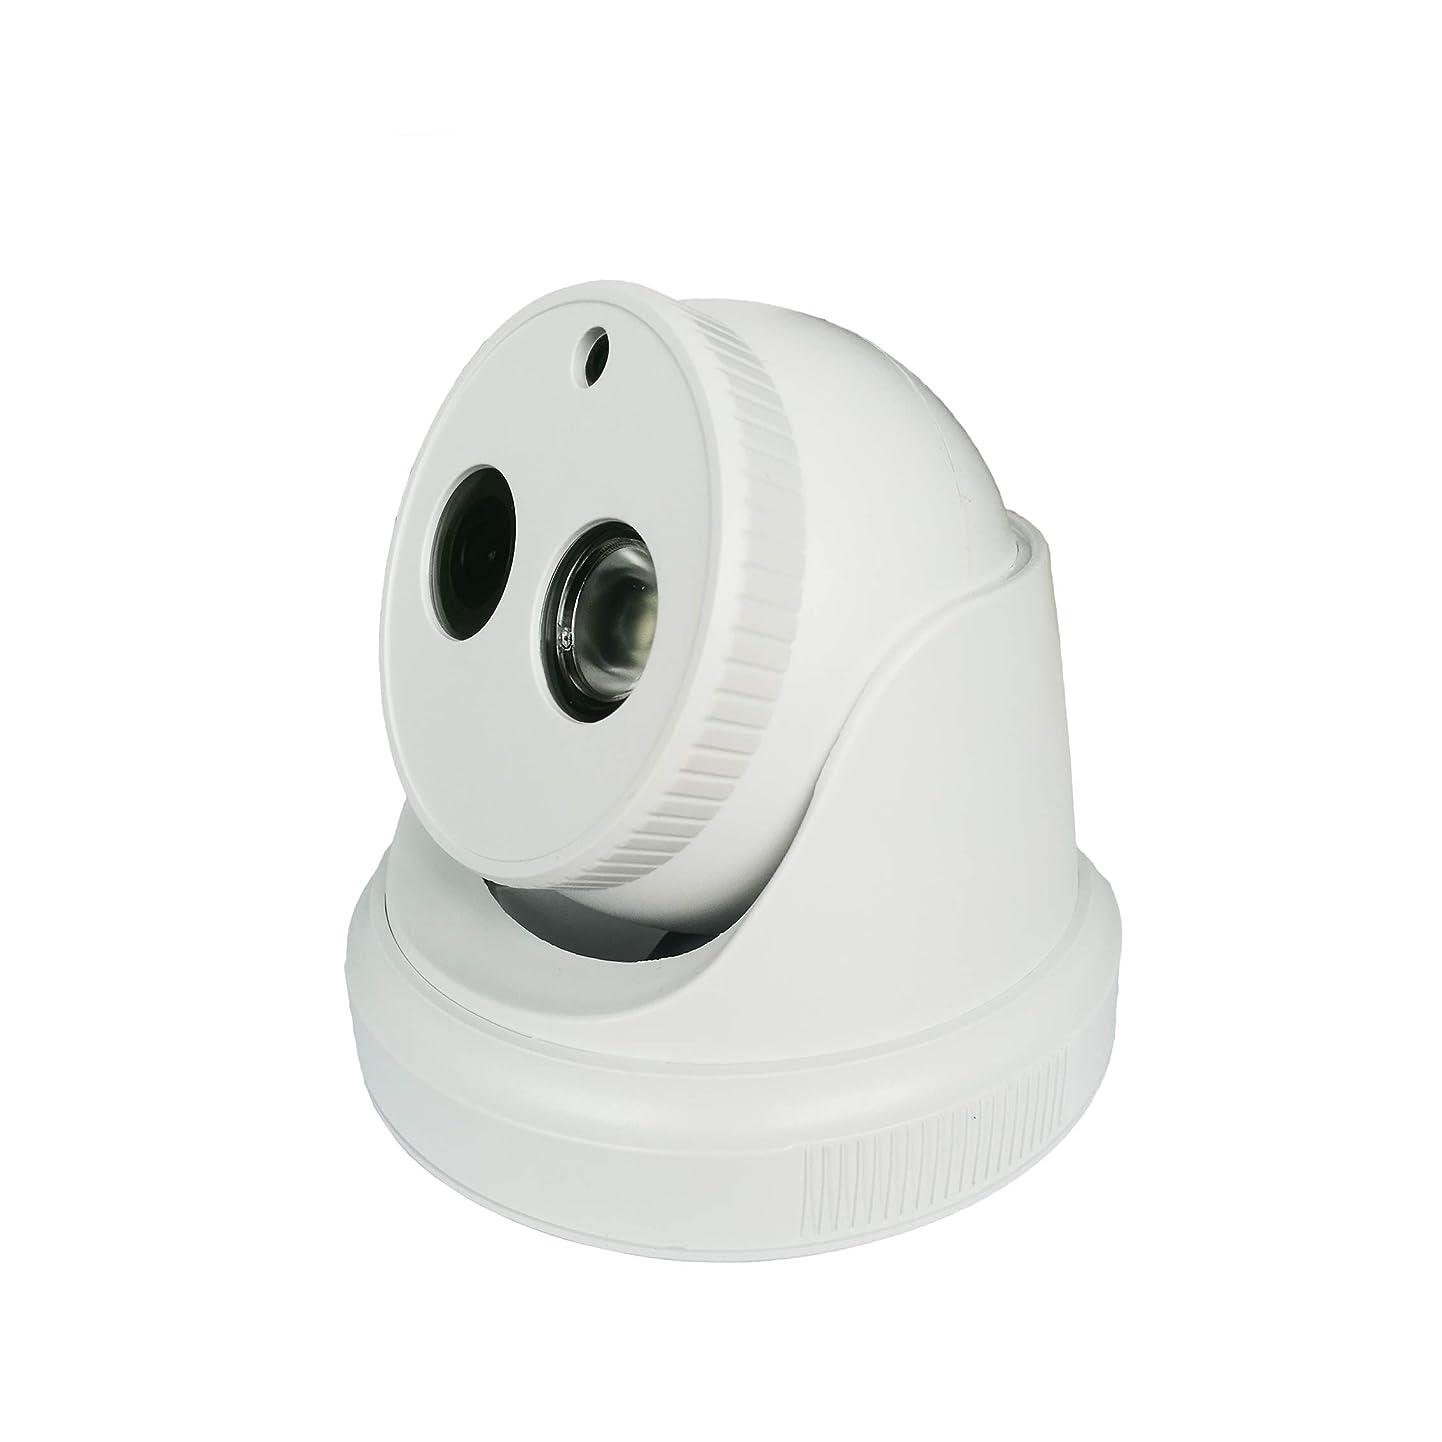 ジョリー漏れ詳細なHDホームモニタリング防犯カメラ、ナイトビジョン多機能ホームHDカメラ